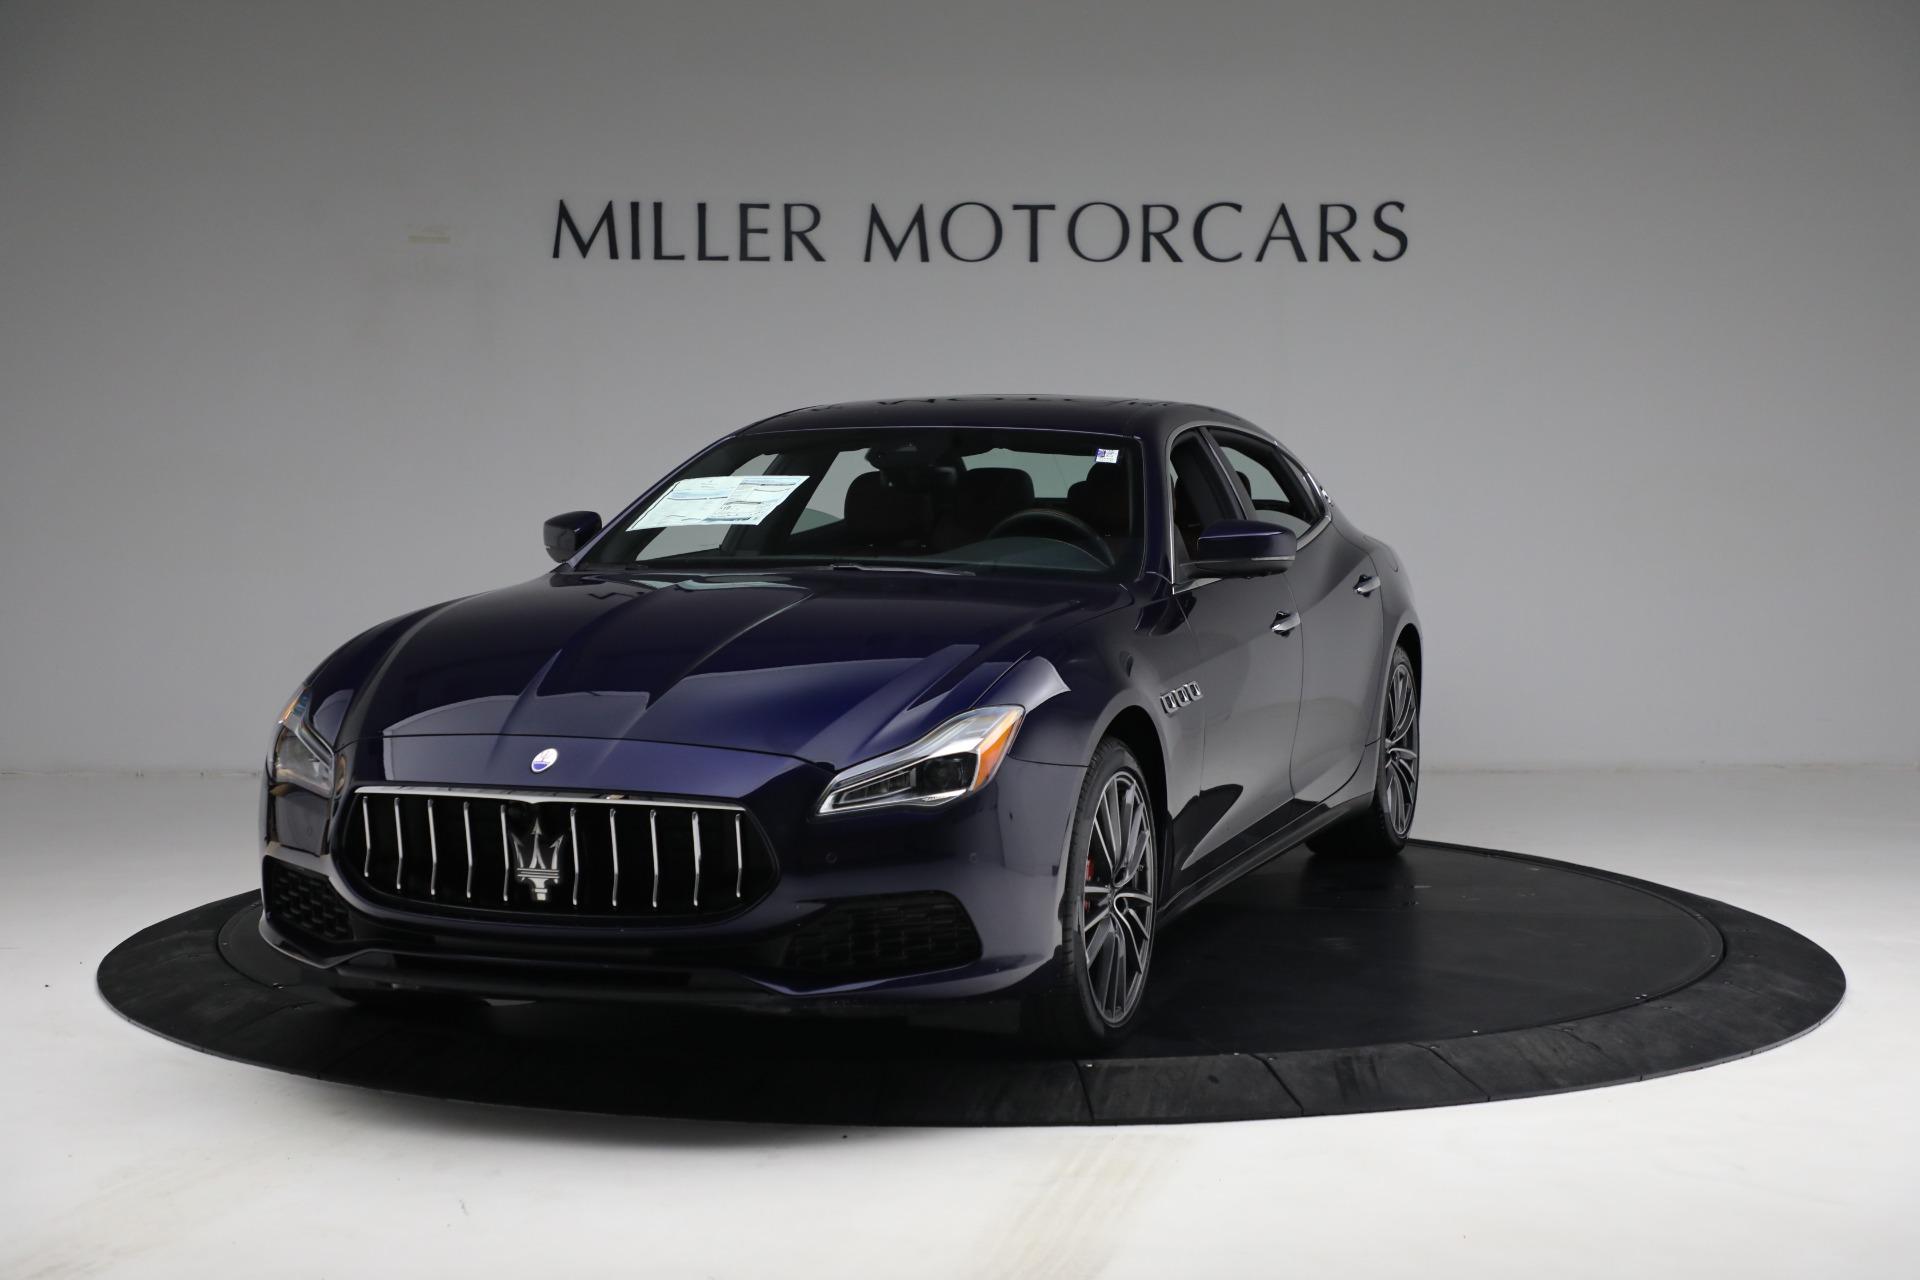 New 2021 Maserati Quattroporte S Q4 for sale $121,749 at Maserati of Westport in Westport CT 06880 1